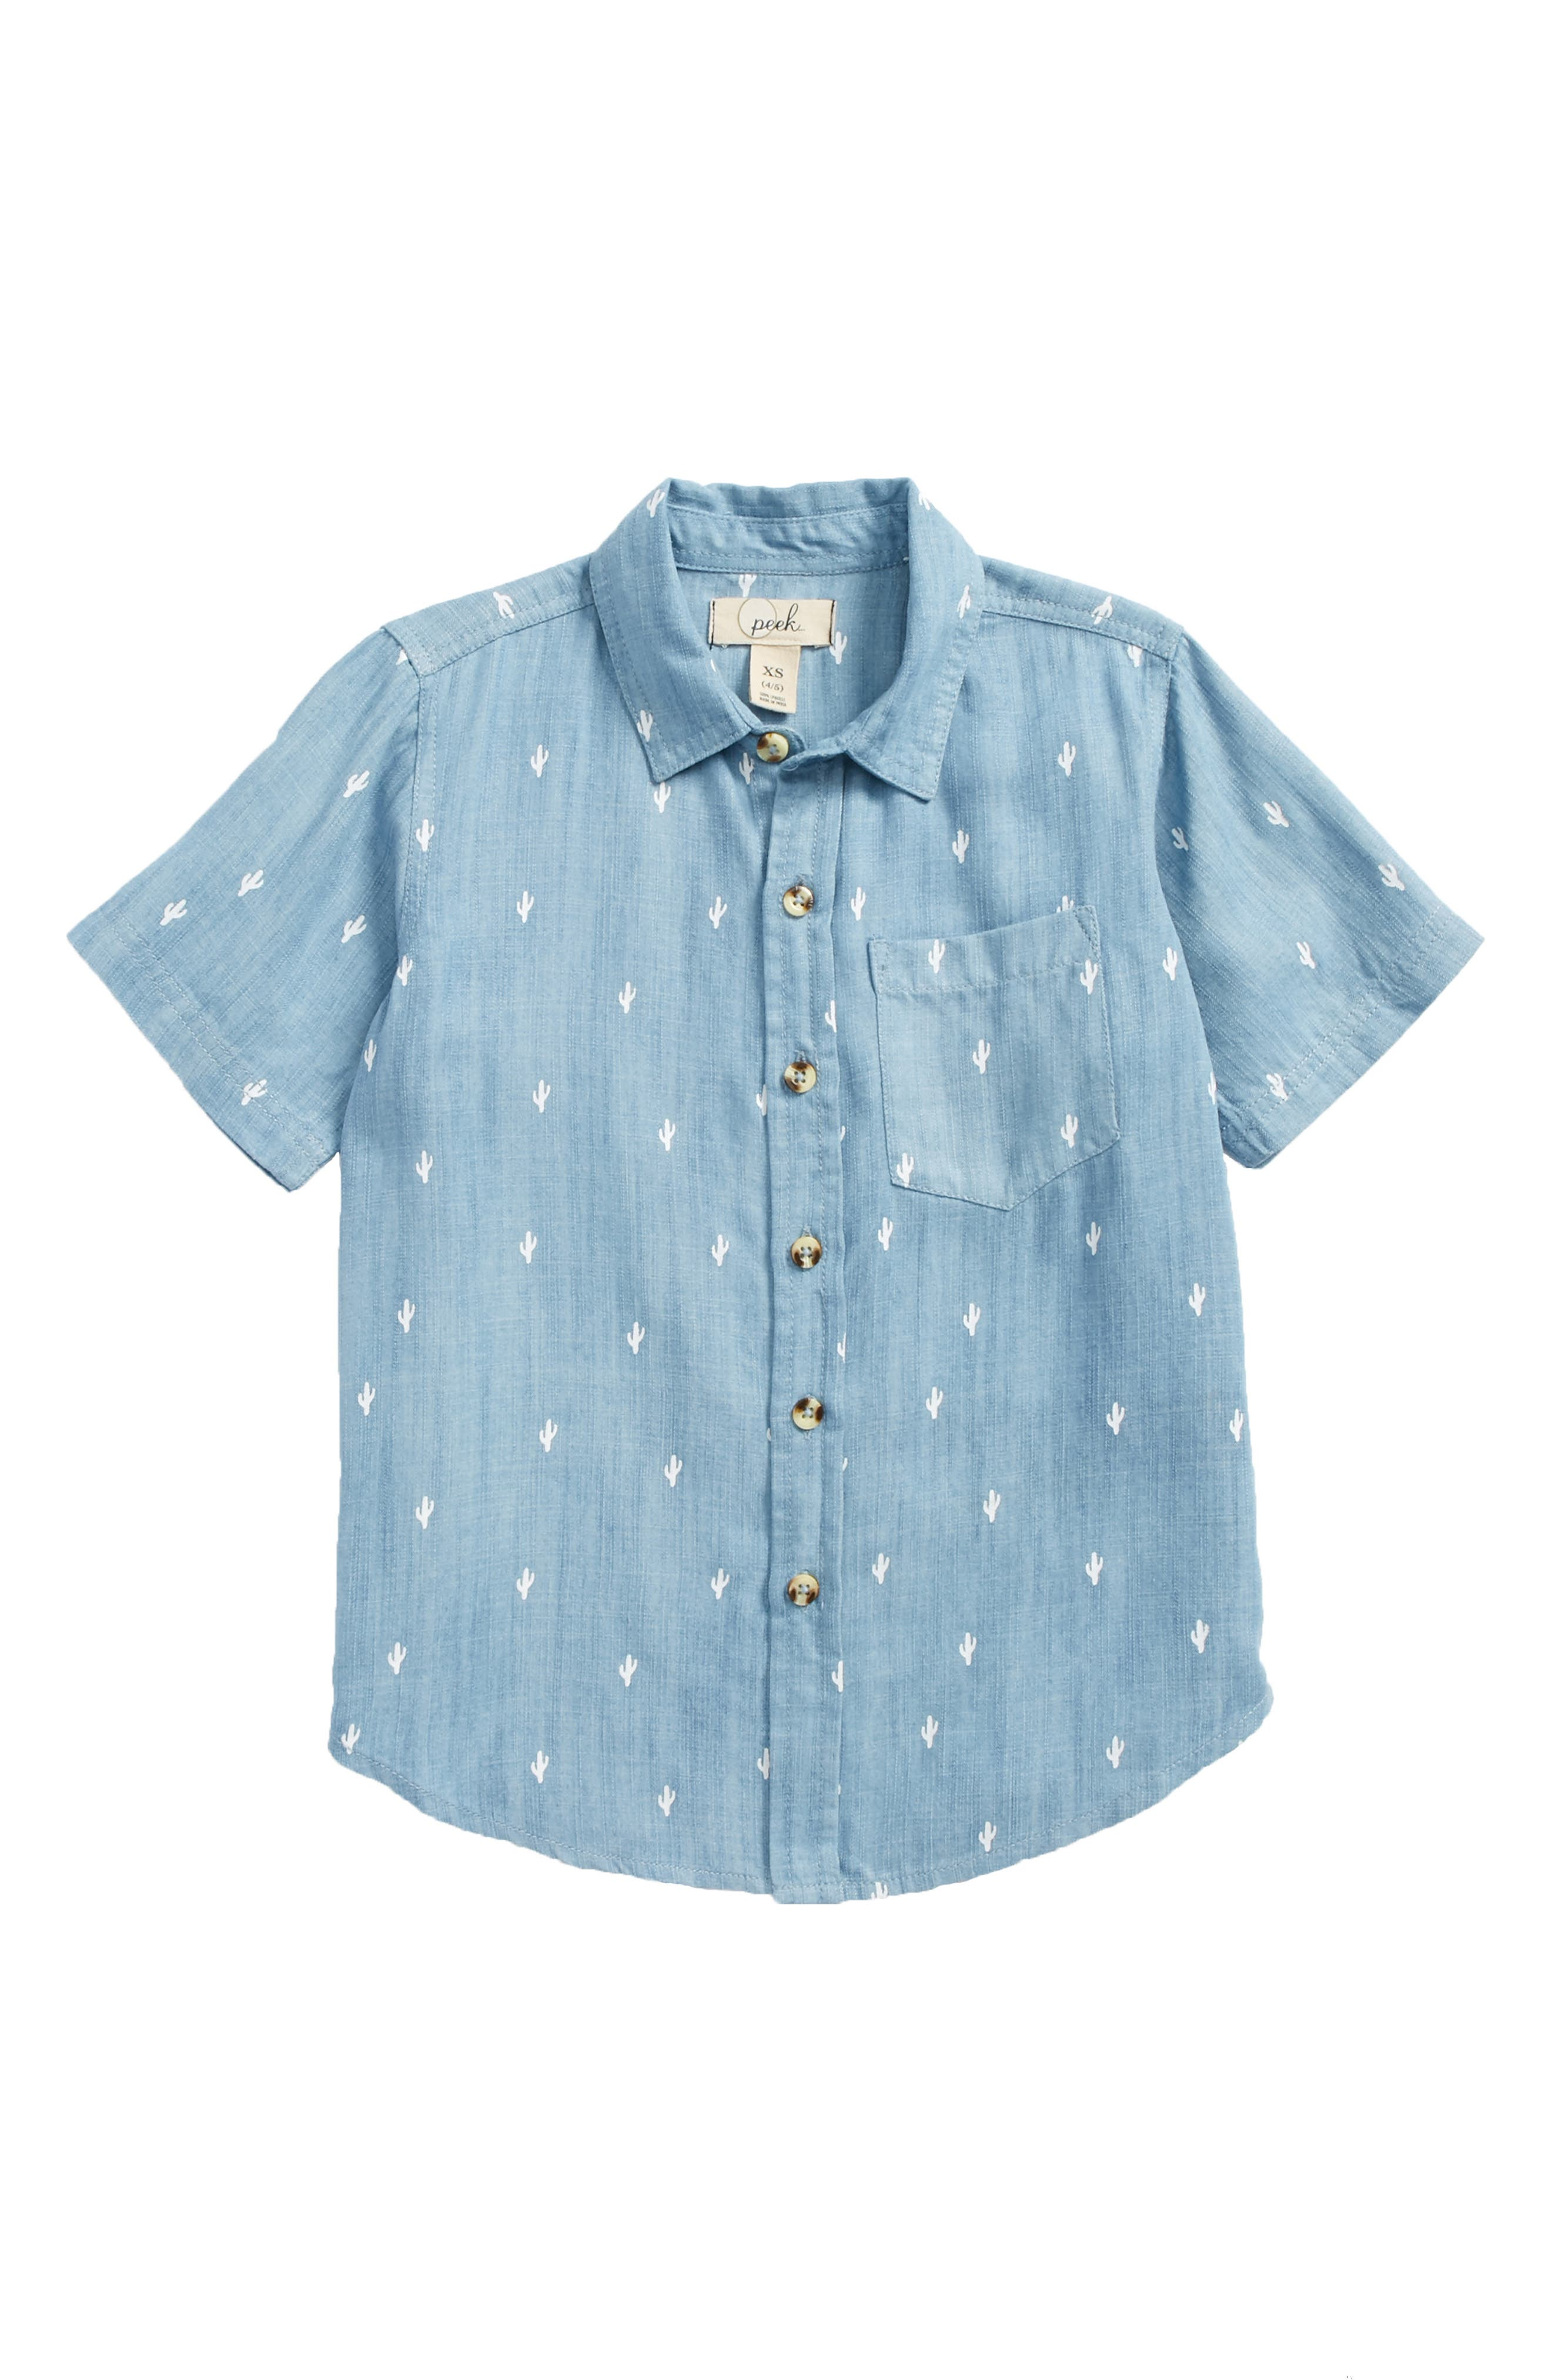 Cactus Woven Shirt,                             Main thumbnail 1, color,                             Indigo